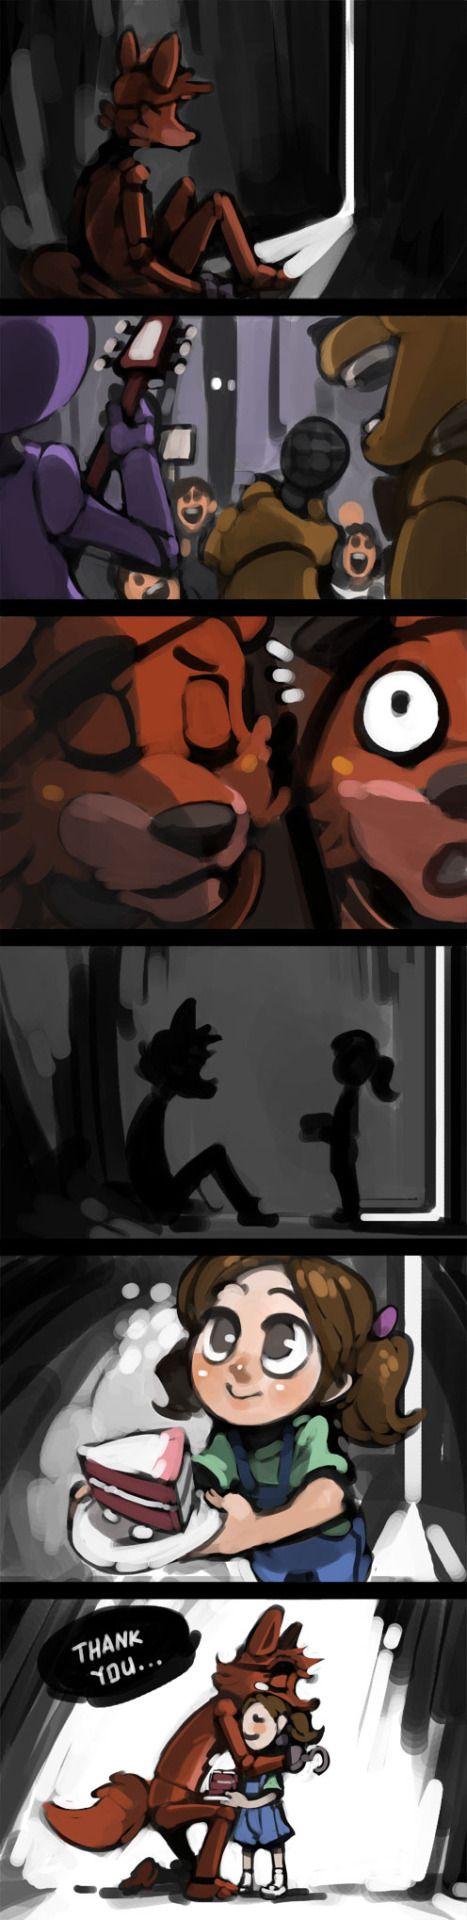 Pobre Foxy en la oscuridad todos los otros chicos con Freddy, Bonnie y Chica menos una nena que le fue a llevar una torta.